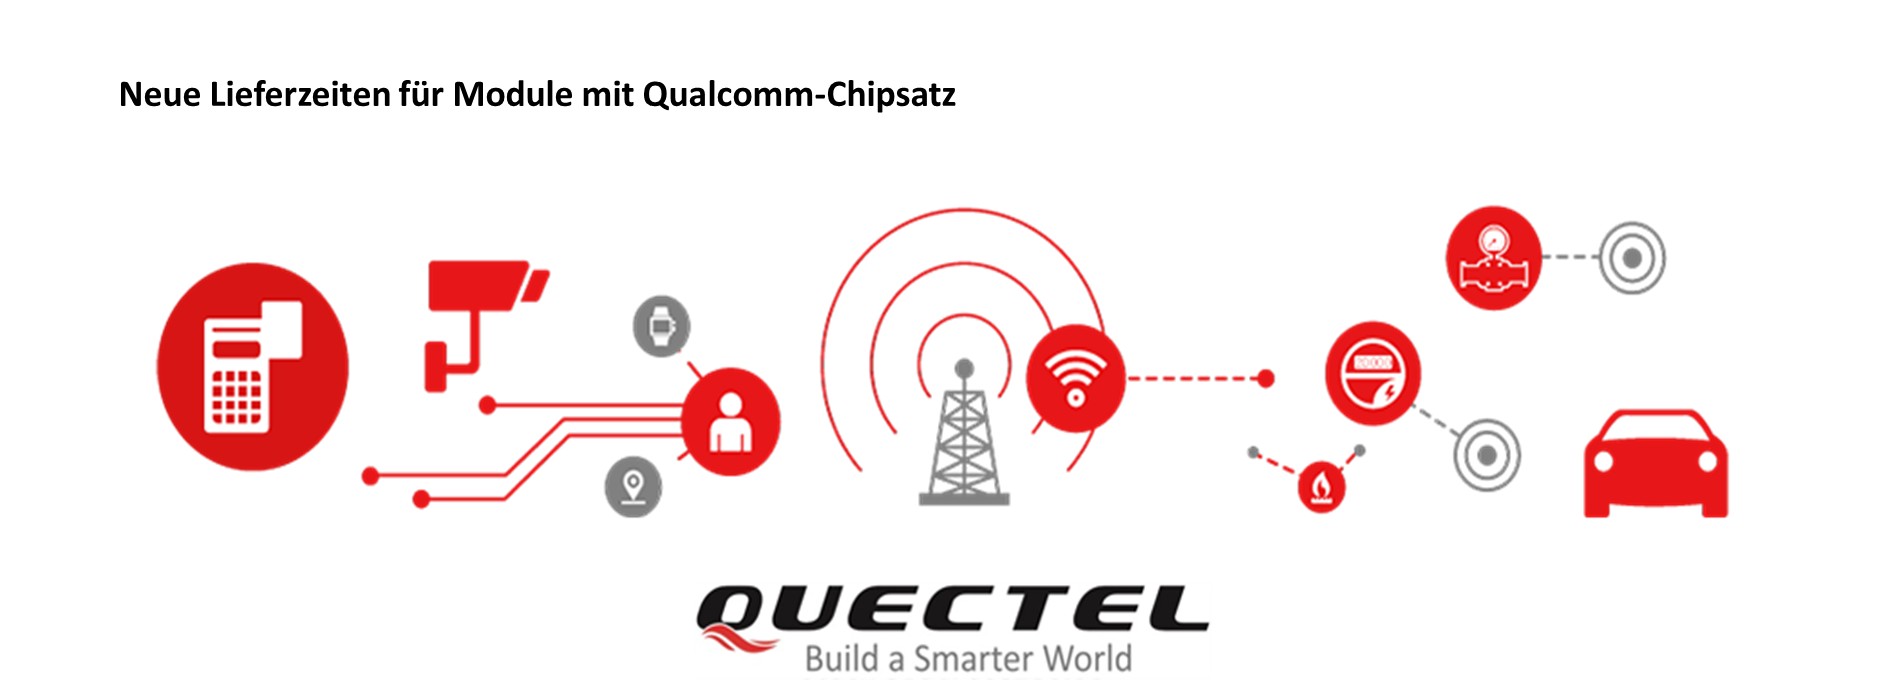 Neue Liefertermine für Quectel-Module mit Qualcomm-Chipsatz